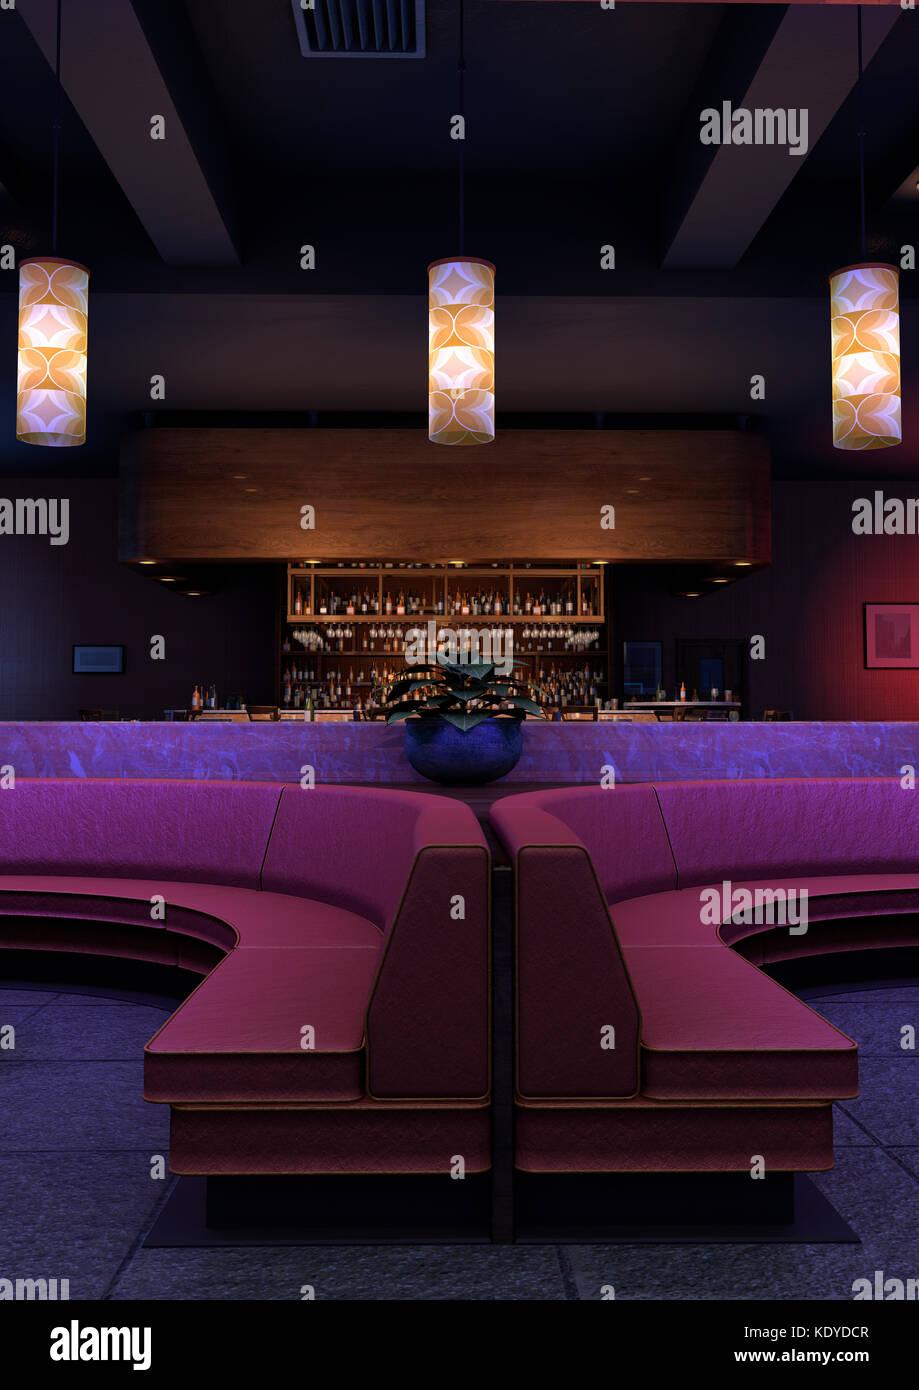 Fein Lounge Inneneinrichtung Ideen - Images for inspirierende Ideen ...